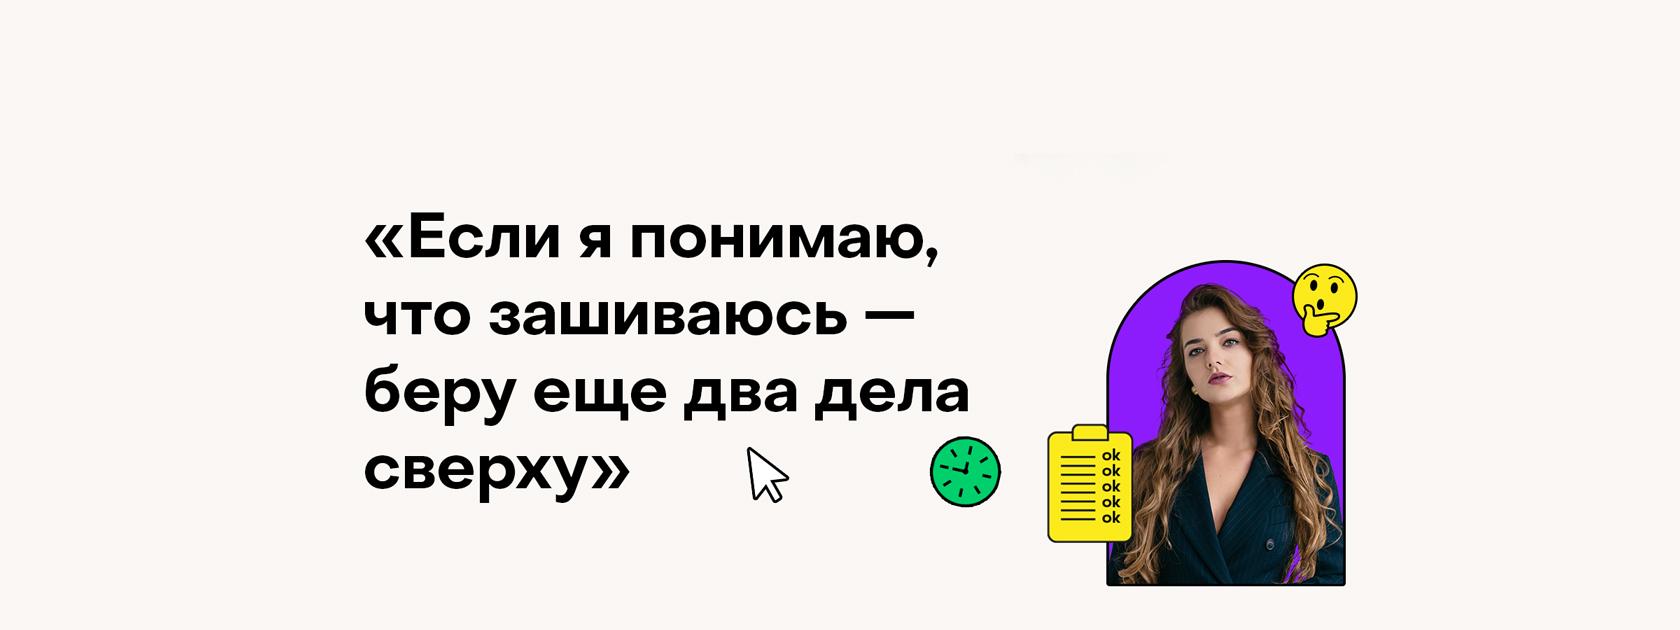 Катя Борисова про управление проектами, людьми и собой